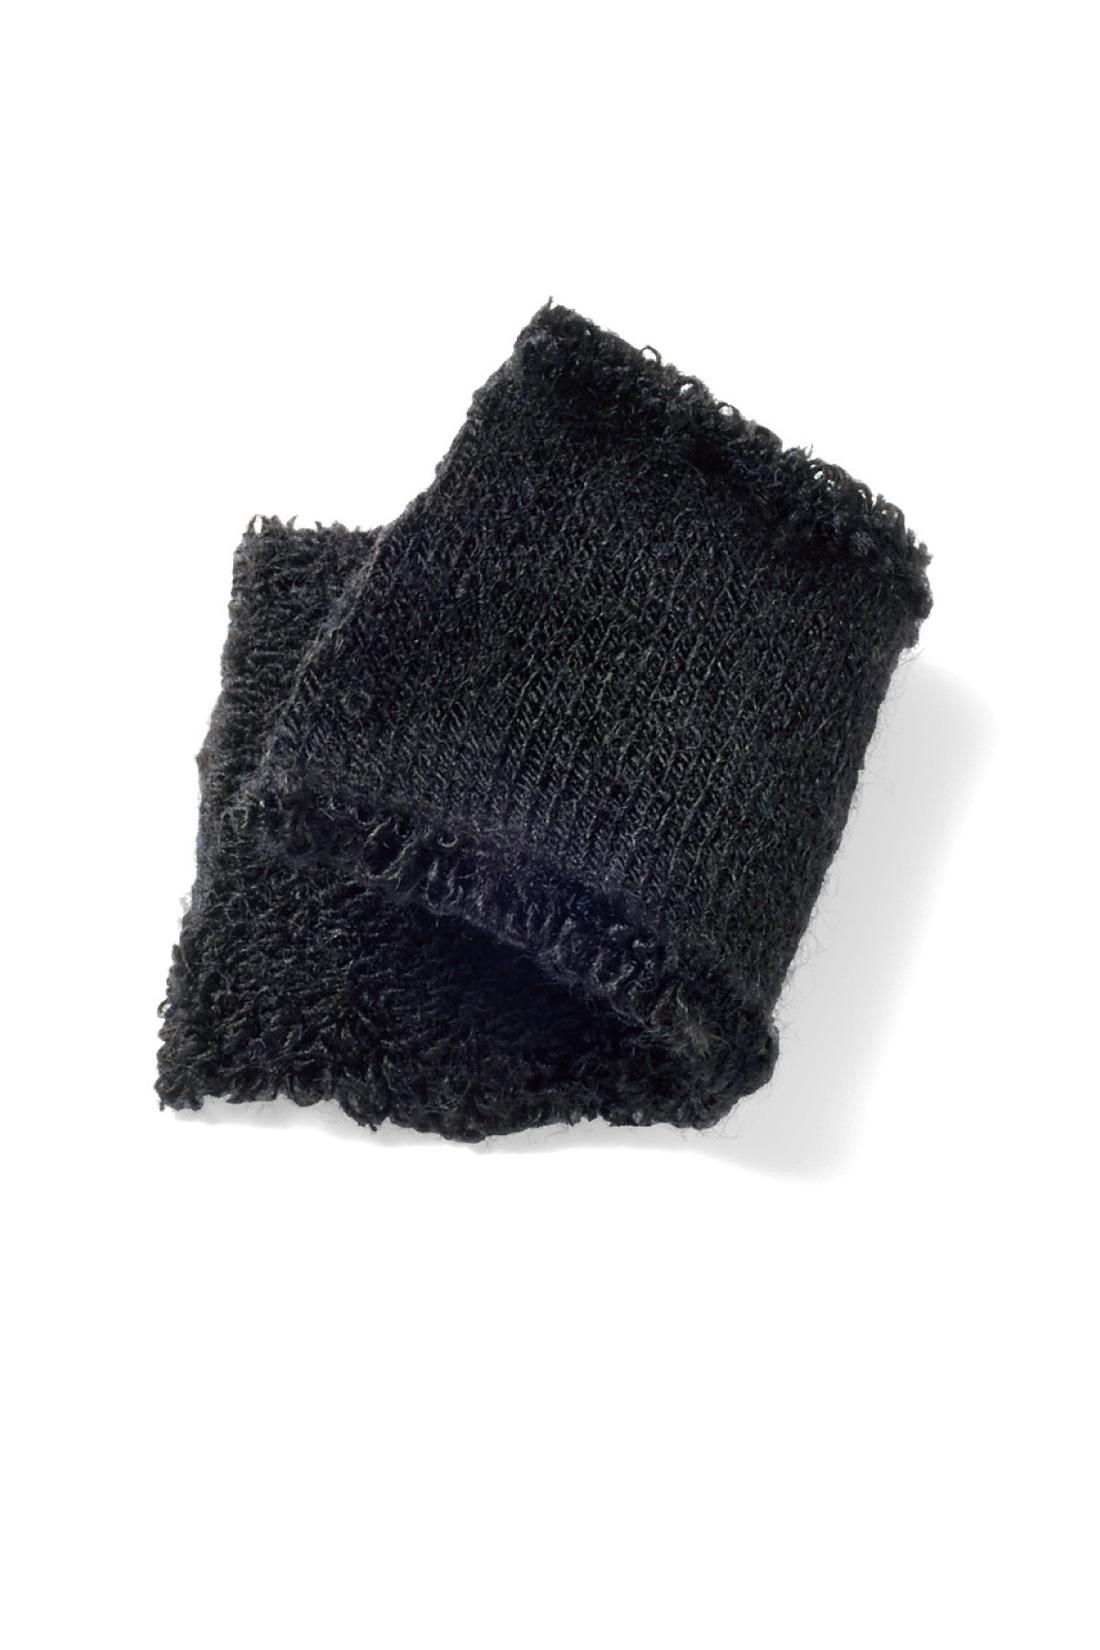 どんな服装にも合わせやすく、着こなしを引き締めてくれる安定のブラック。